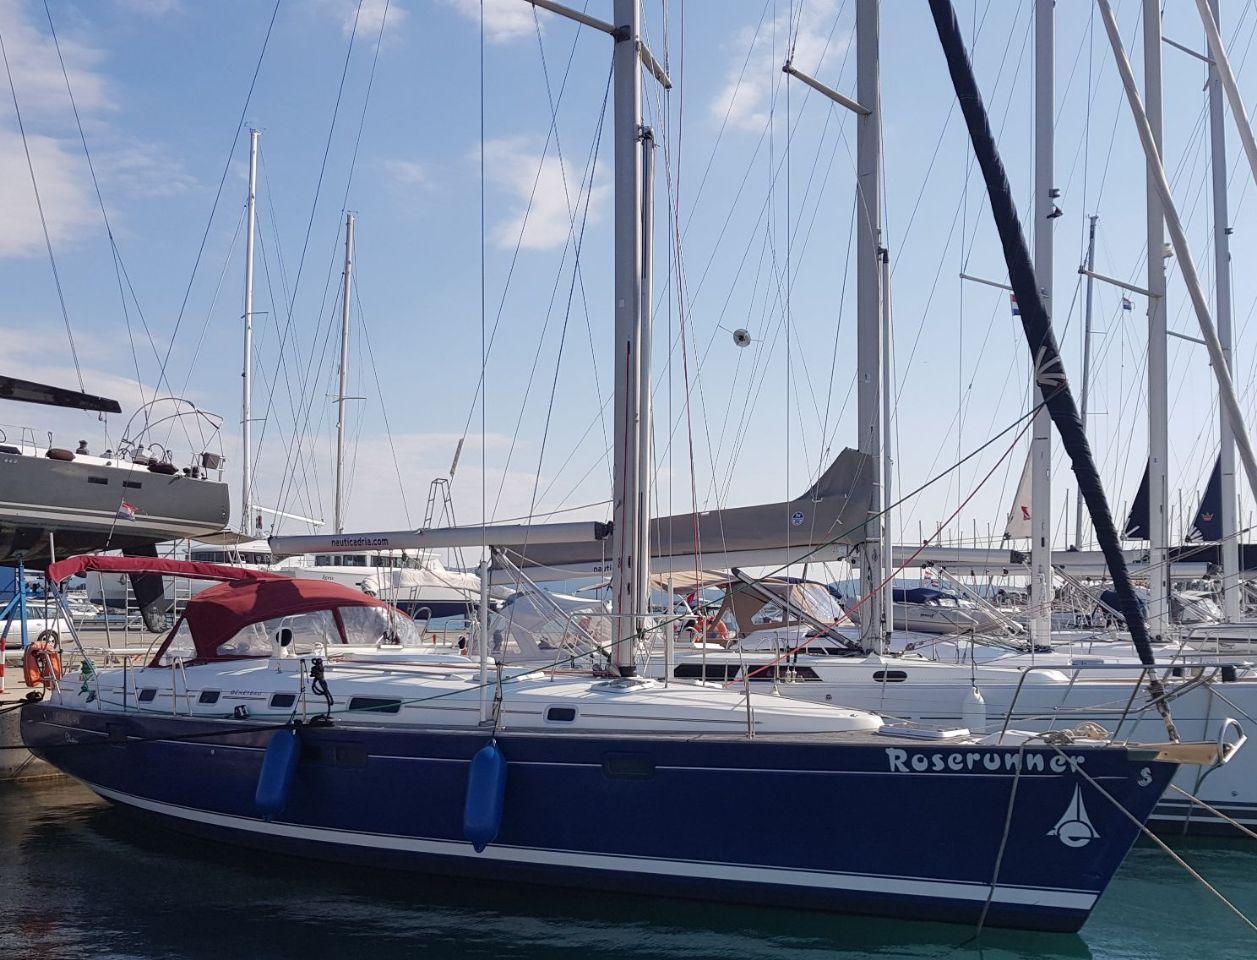 Oceanis Clipper 461 (Rose Runner)  - 0